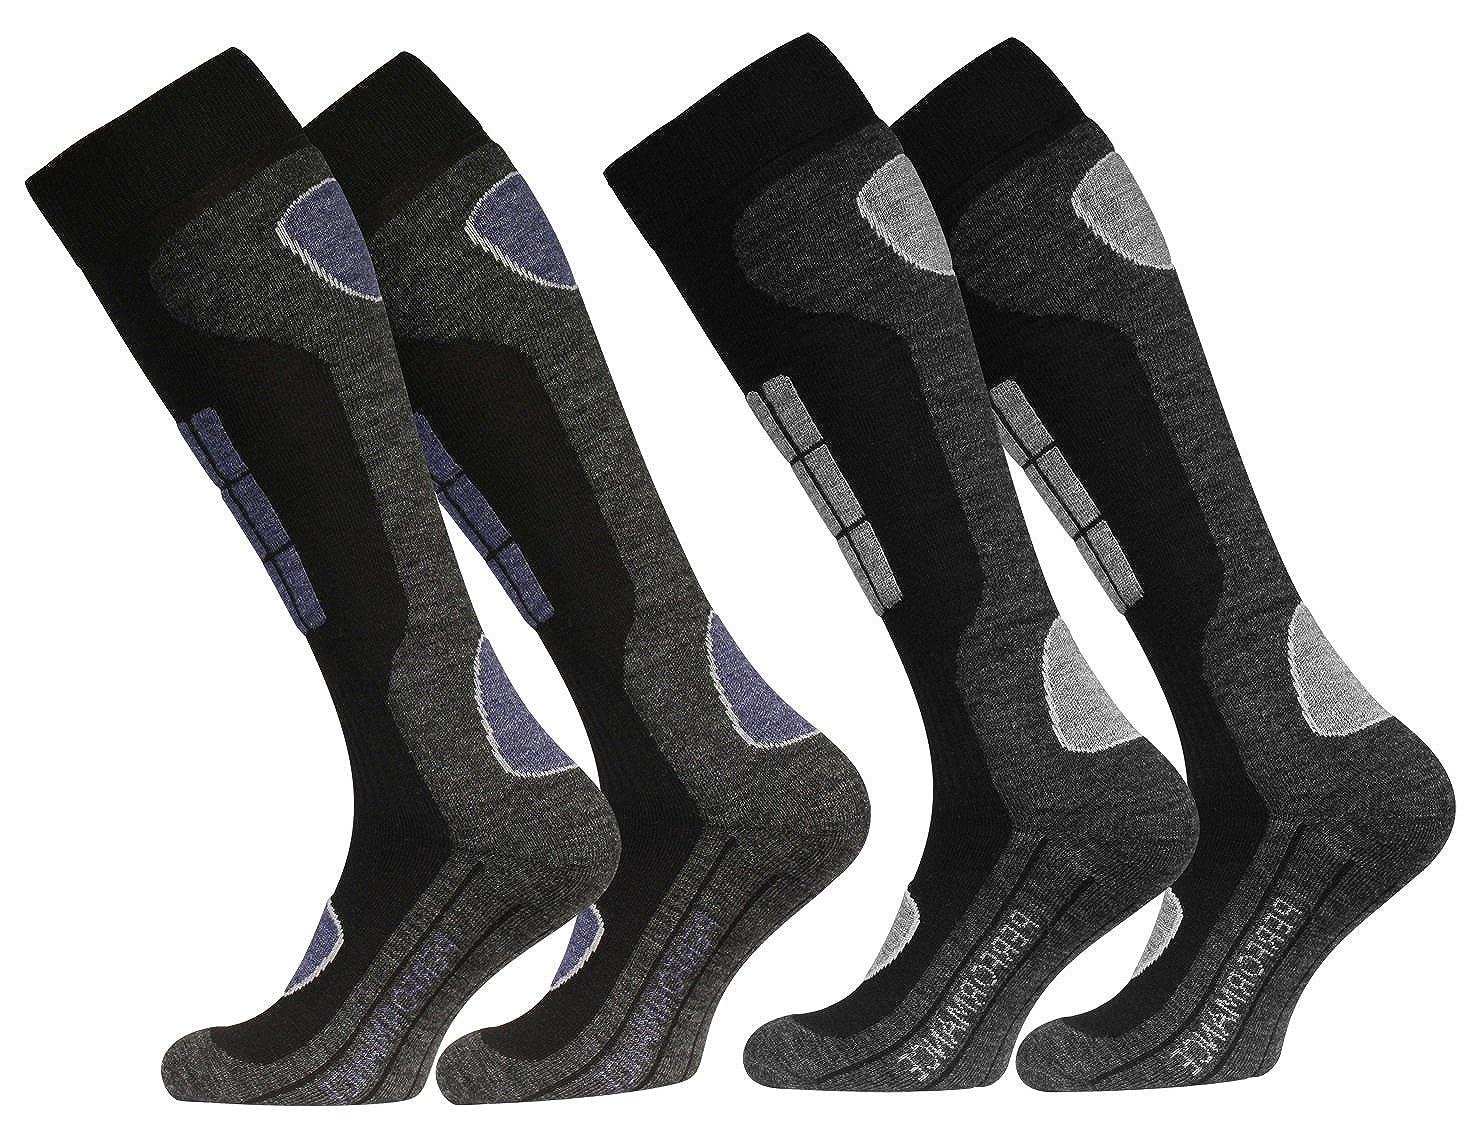 2 Paar Original VCA SKI Funktionssocken, Wintersport Socken mit Spezial Polsterung 2036_N